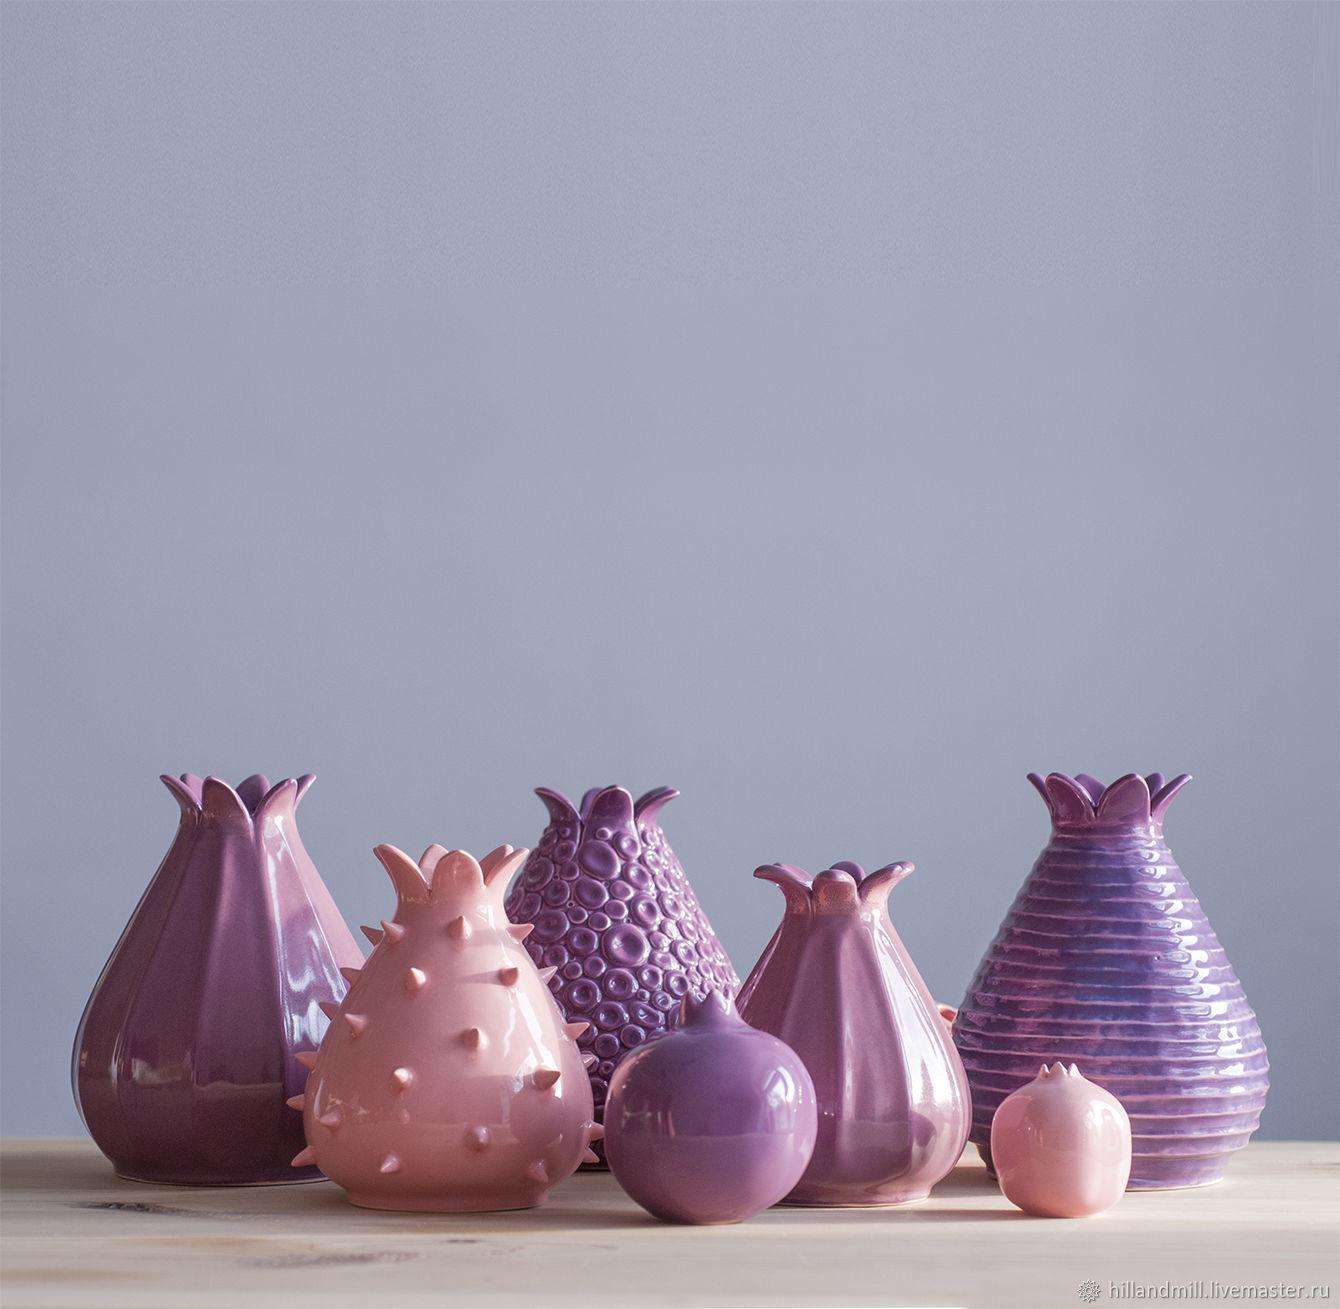 """Вазы ручной работы. Ярмарка Мастеров - ручная работа. Купить Коллекция """"Фиолетовая глазурь"""". Handmade. Интерьер, ультрафиолет, глазурь"""